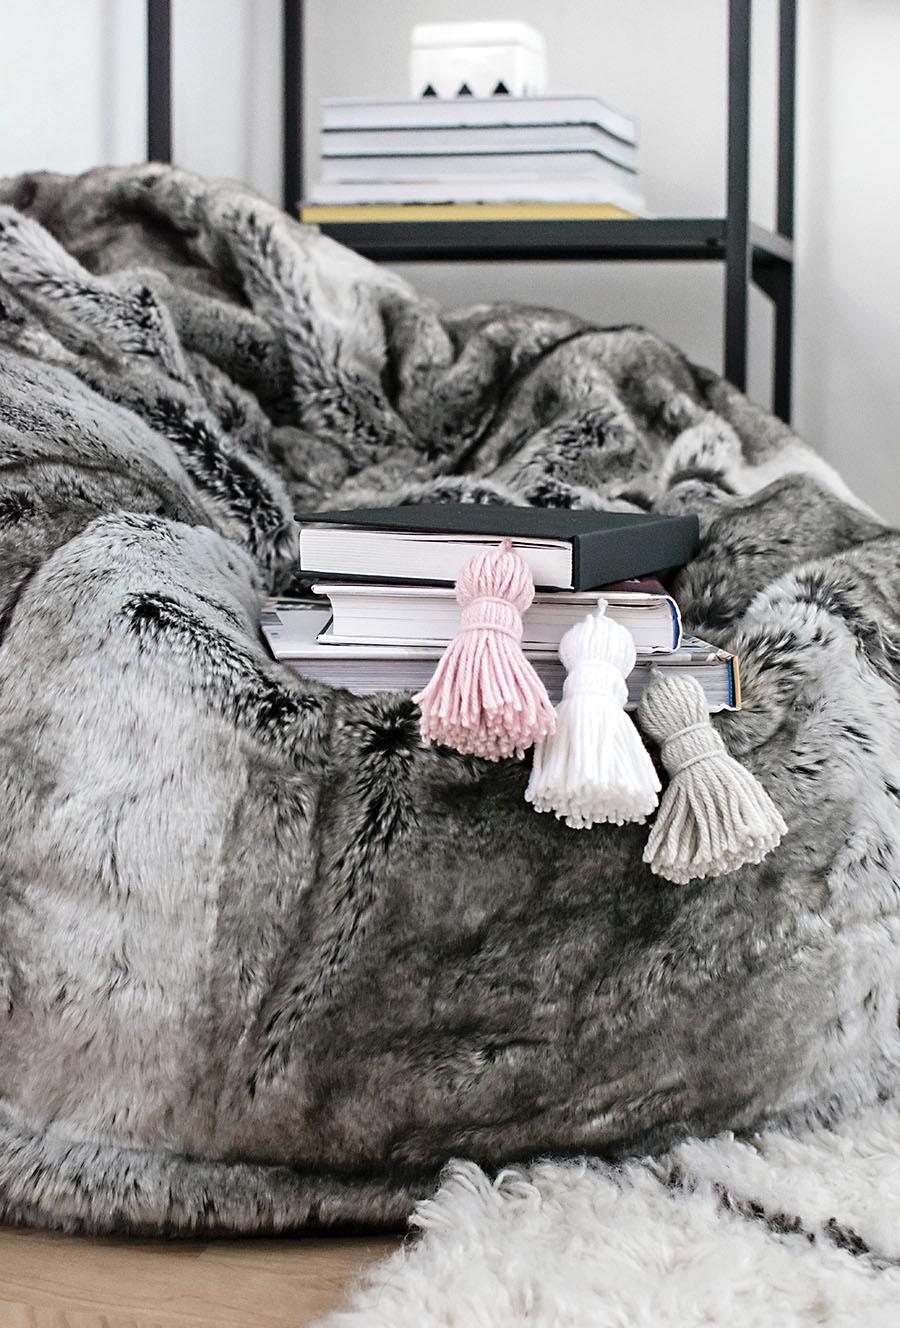 Valentinstag Geschenk selber machen - Lesezeichen basteln